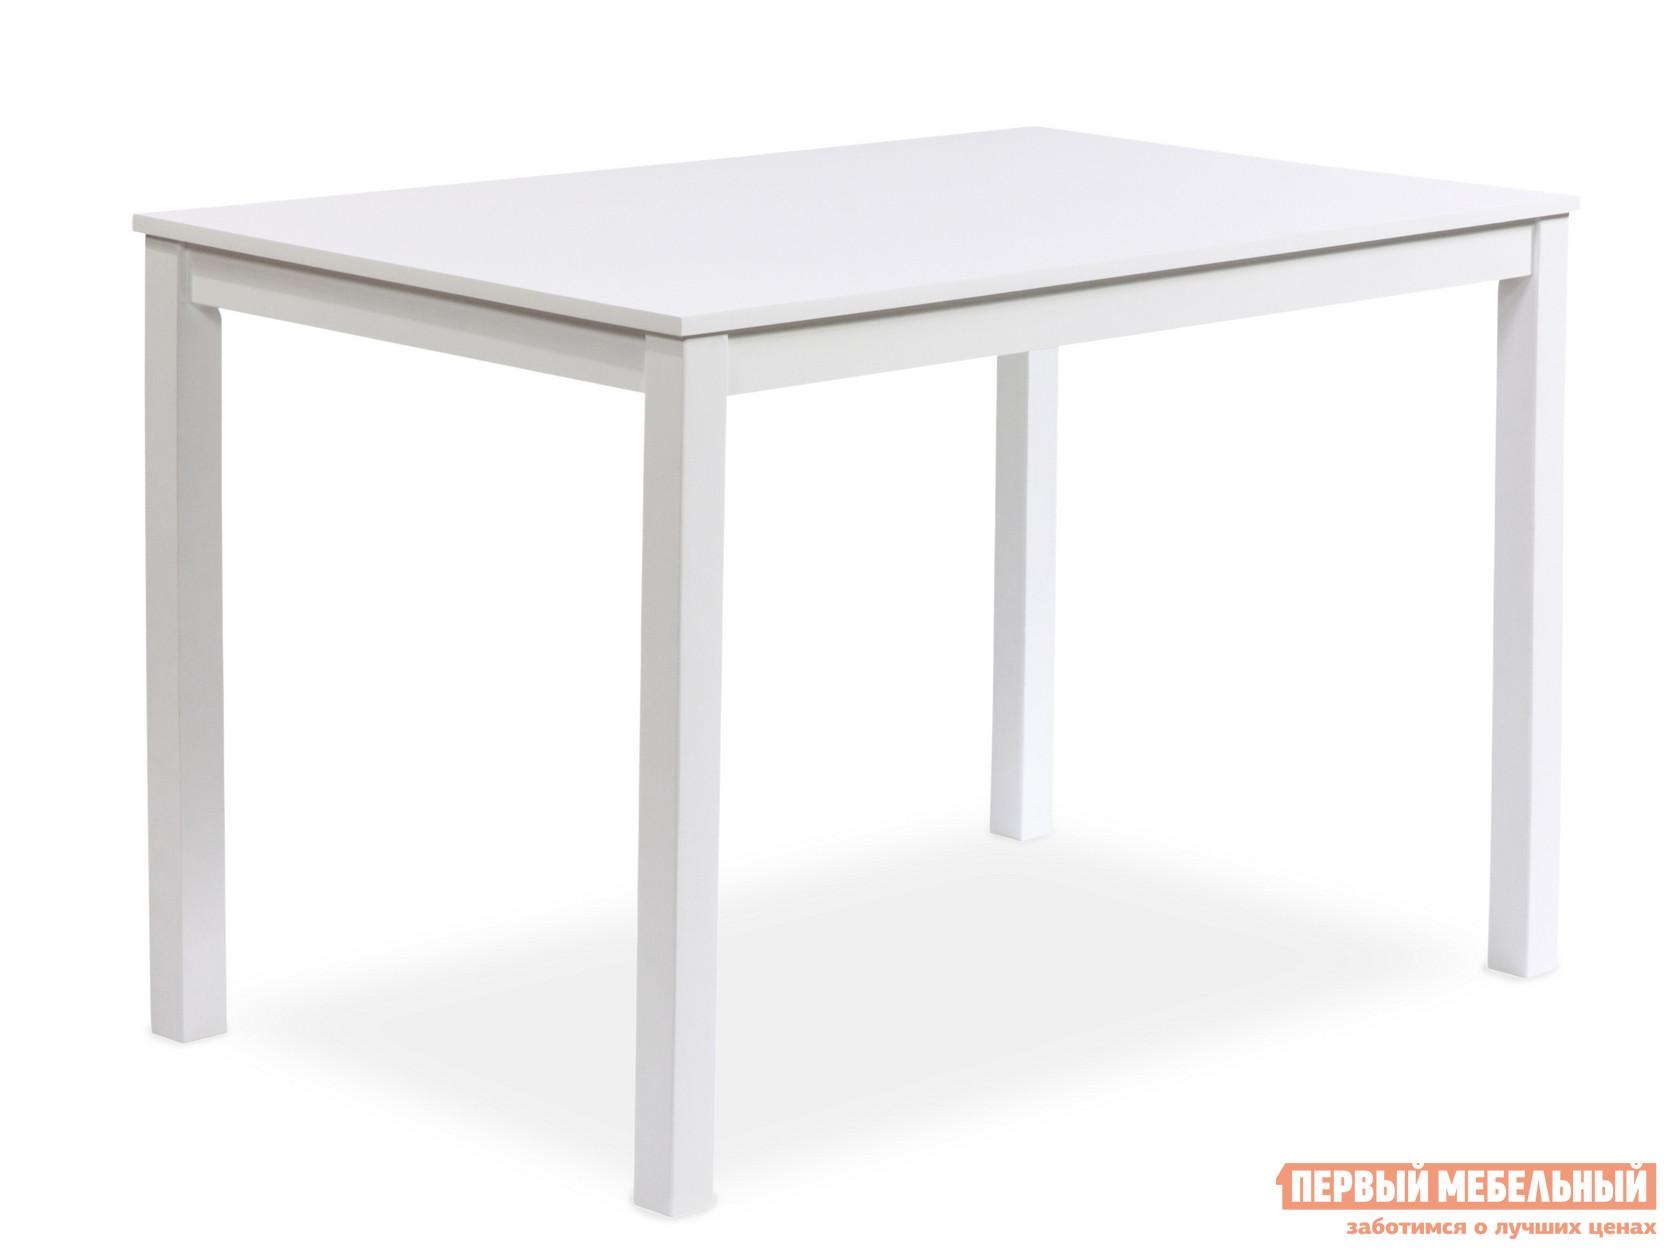 Обеденный стол Mr. Kim Стол ES 2 (white) WHITE